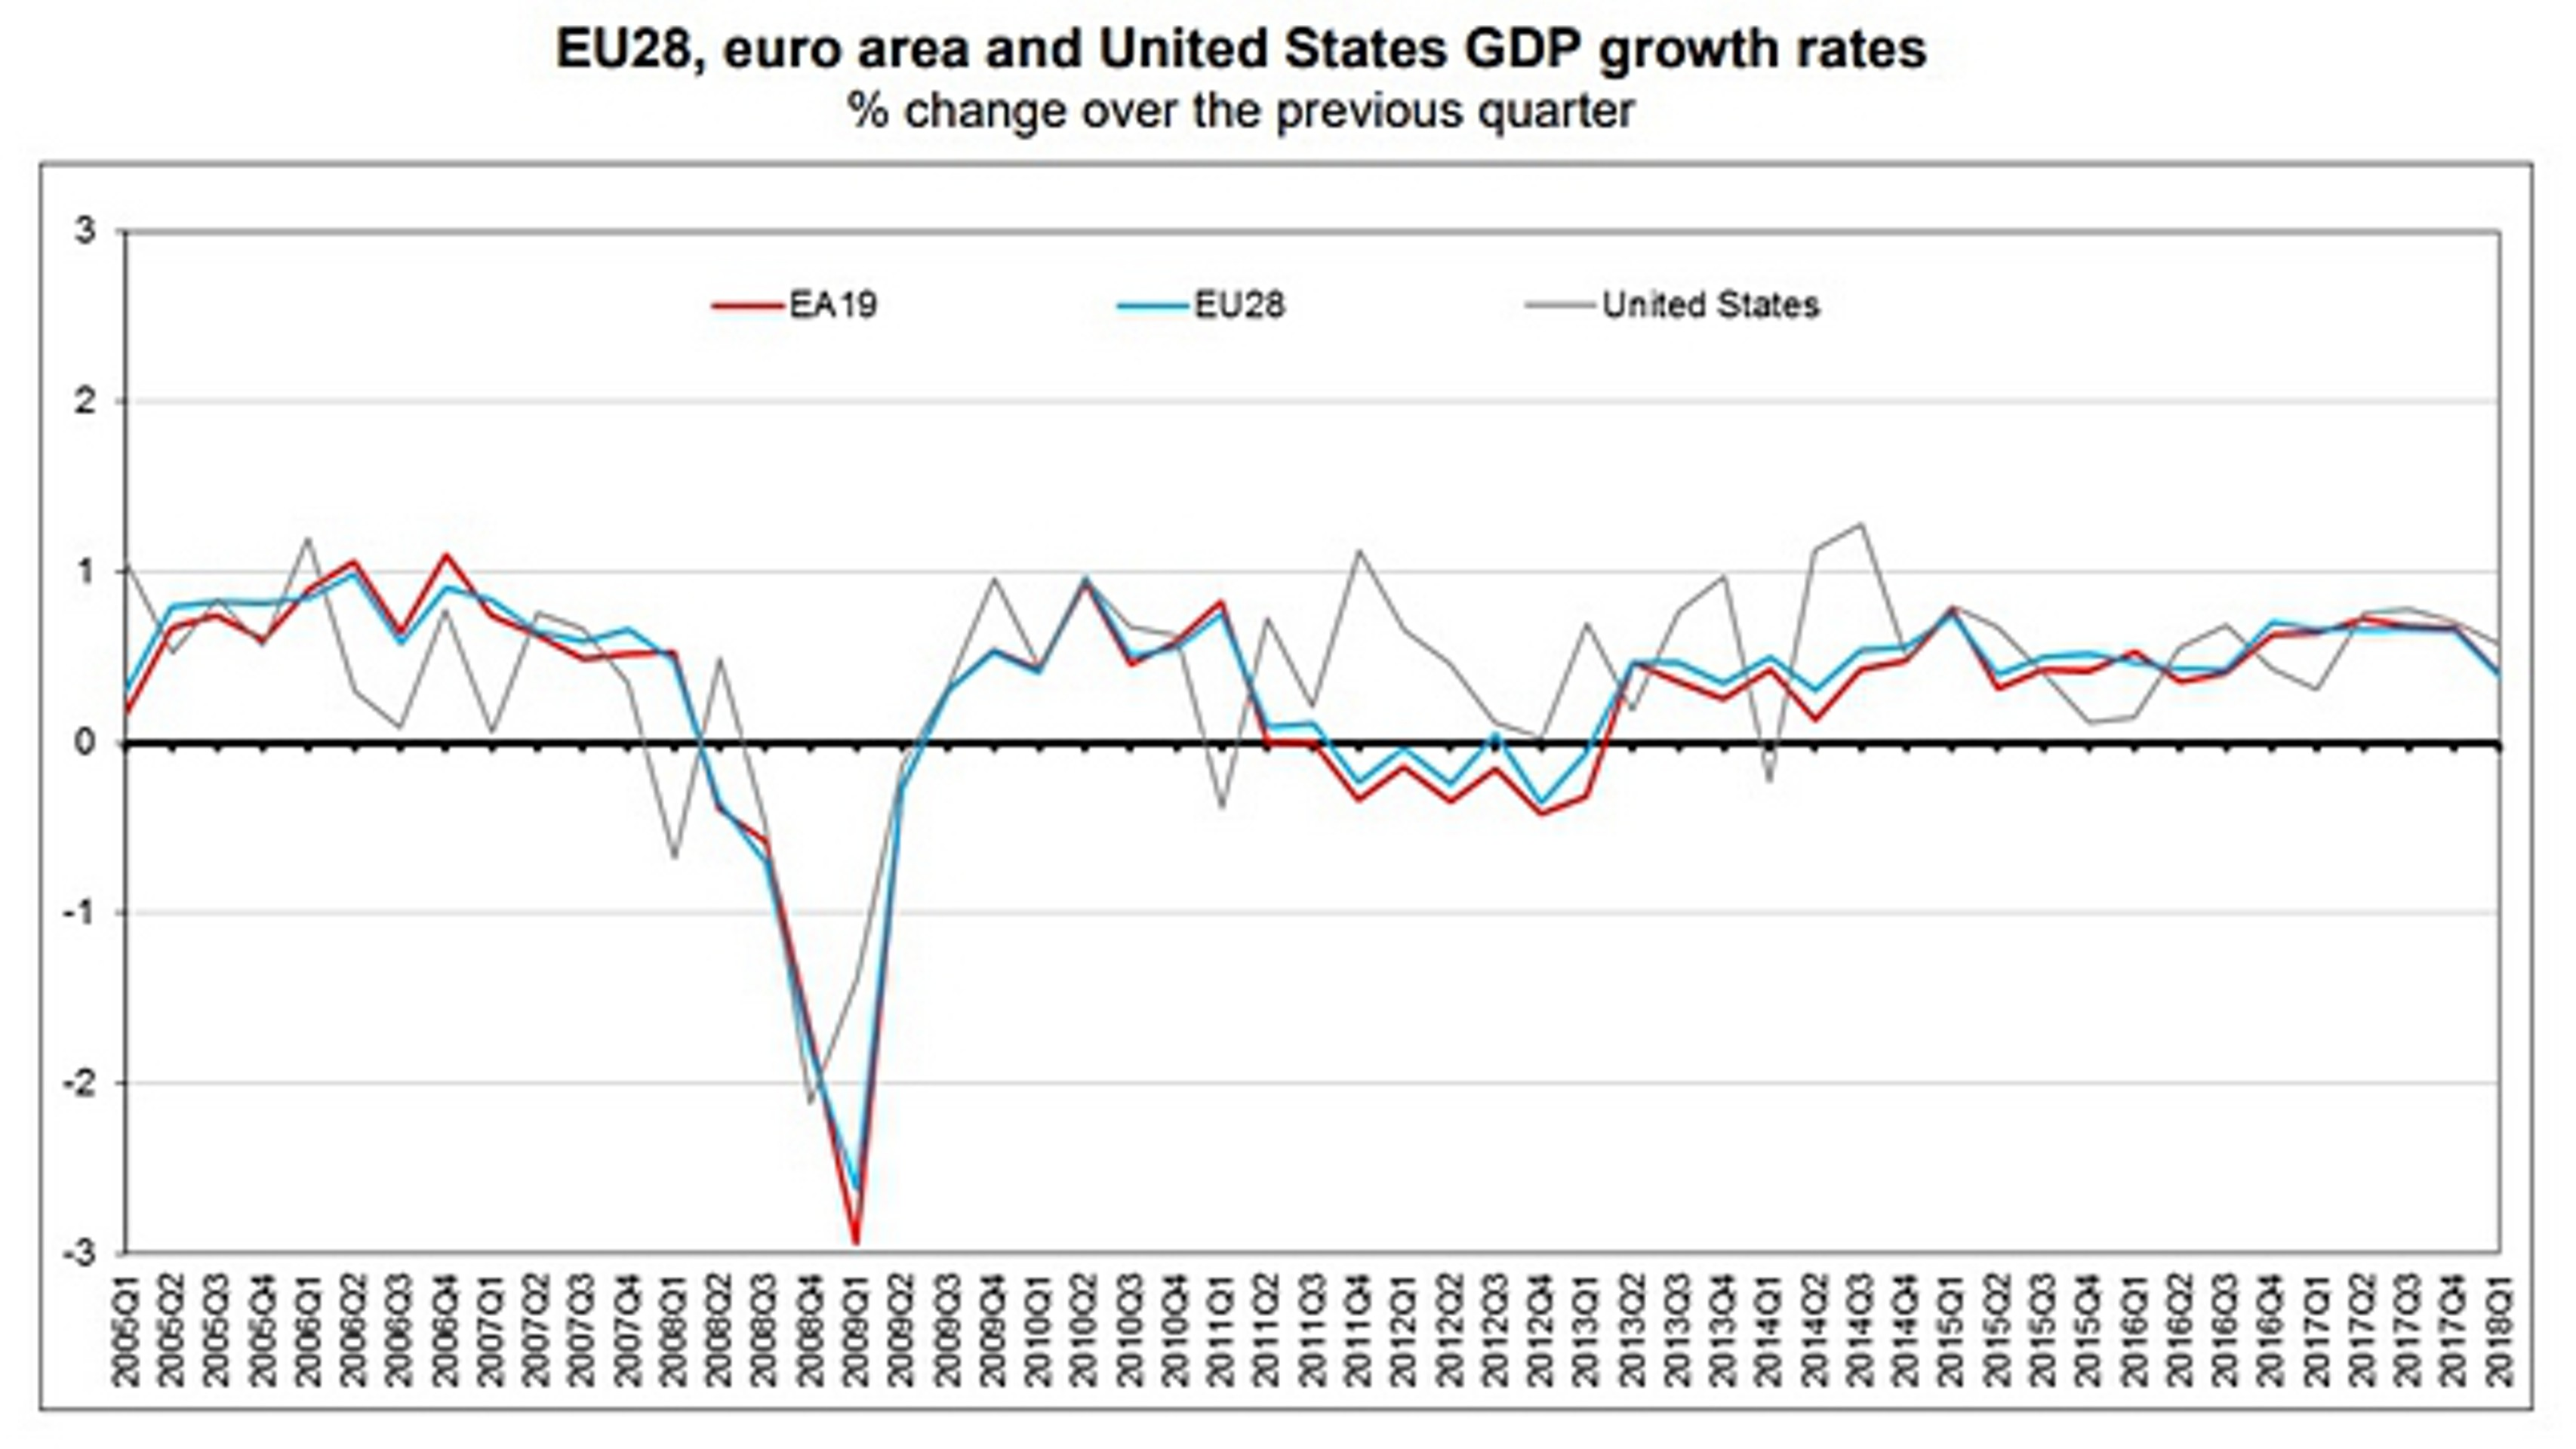 Оценка роста ВВП еврозоны сохранена на уровне 0,4%